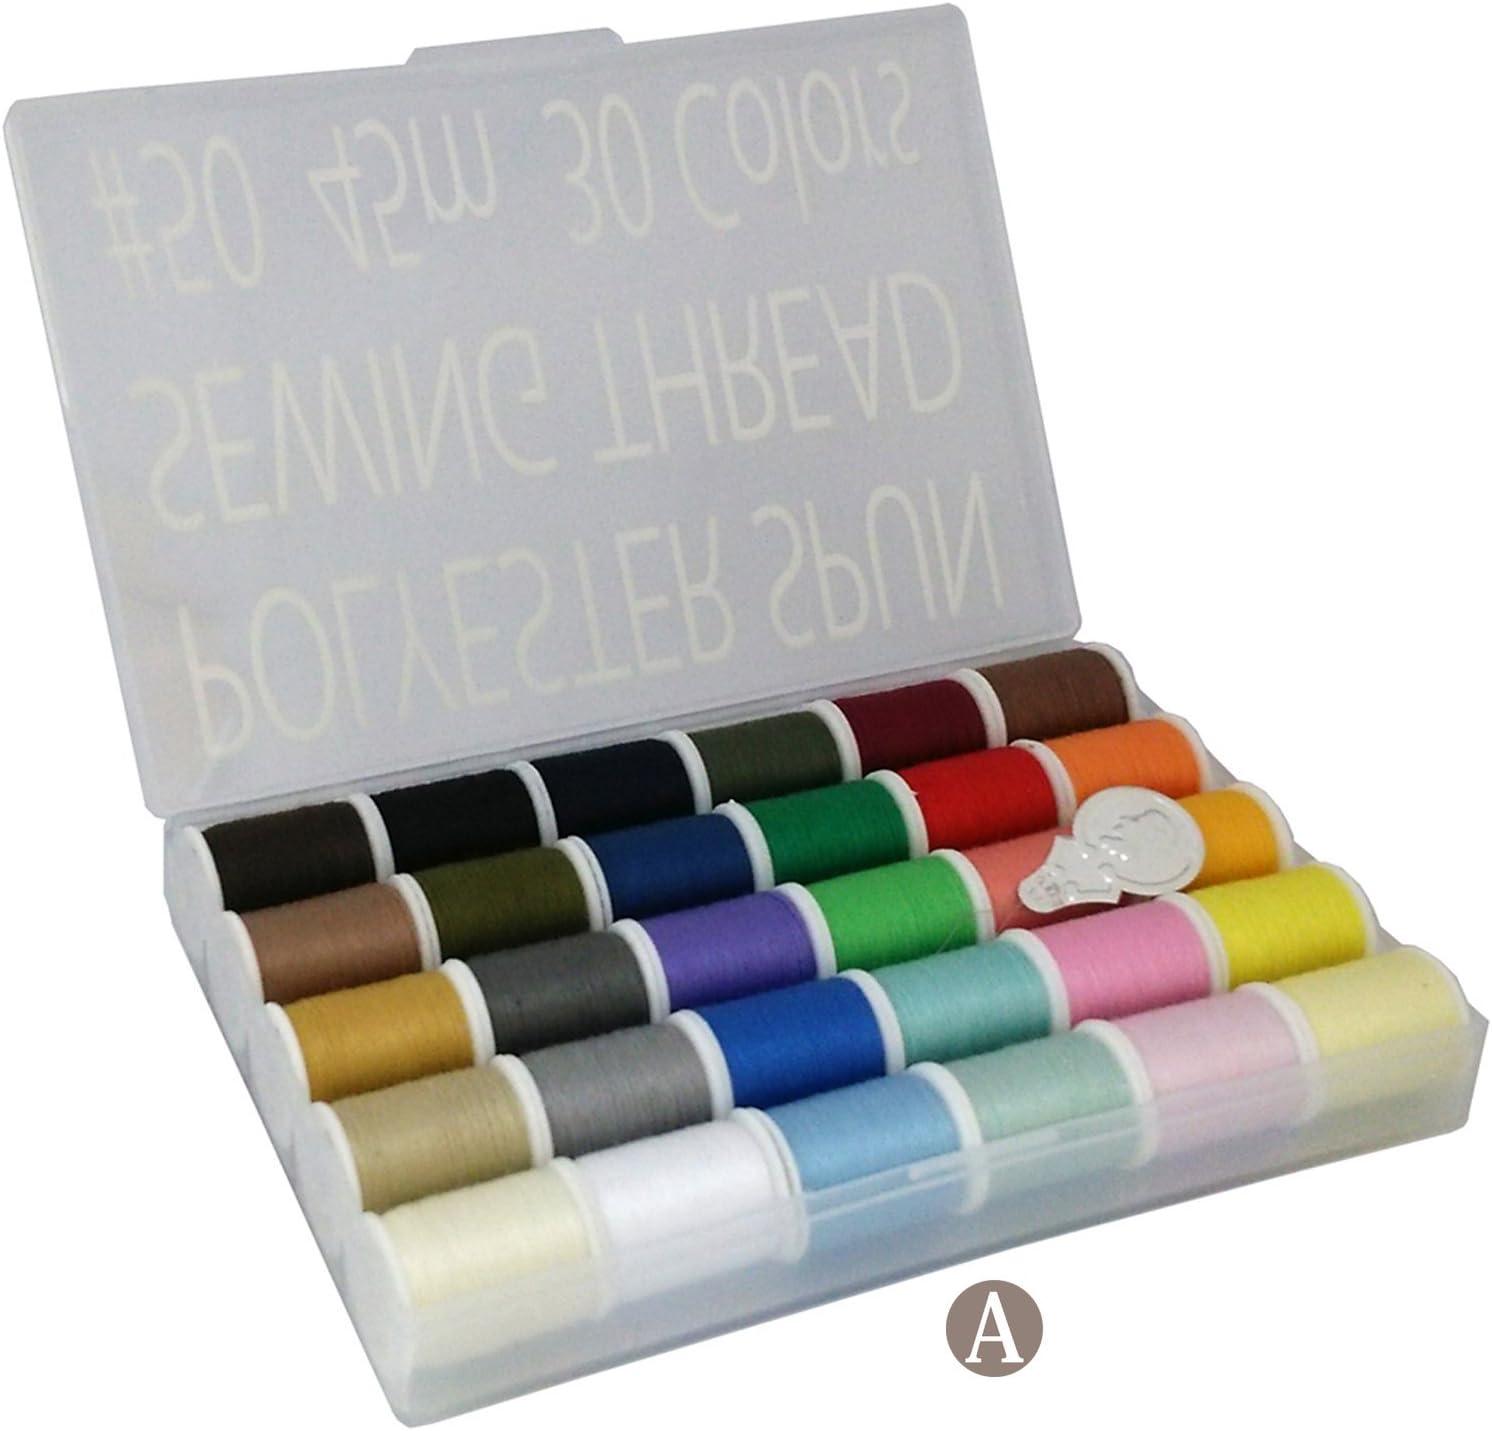 LEONIS - Hilo de coser, poliéster, 30 colores, multicolor, A.50yd x 1pc